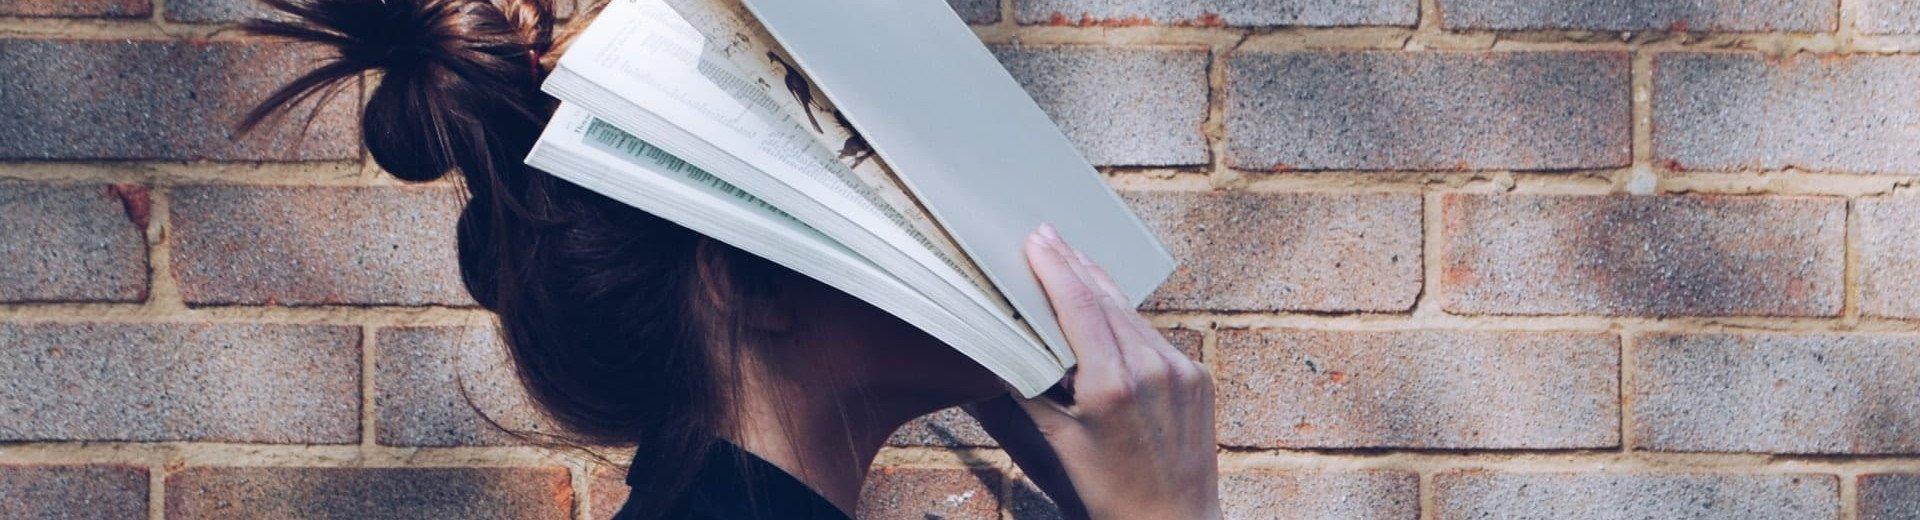 Okładka artykułu Studia podyplomowe związane z projektowaniem i grafiką — Przegląd ofert polskich uczelni